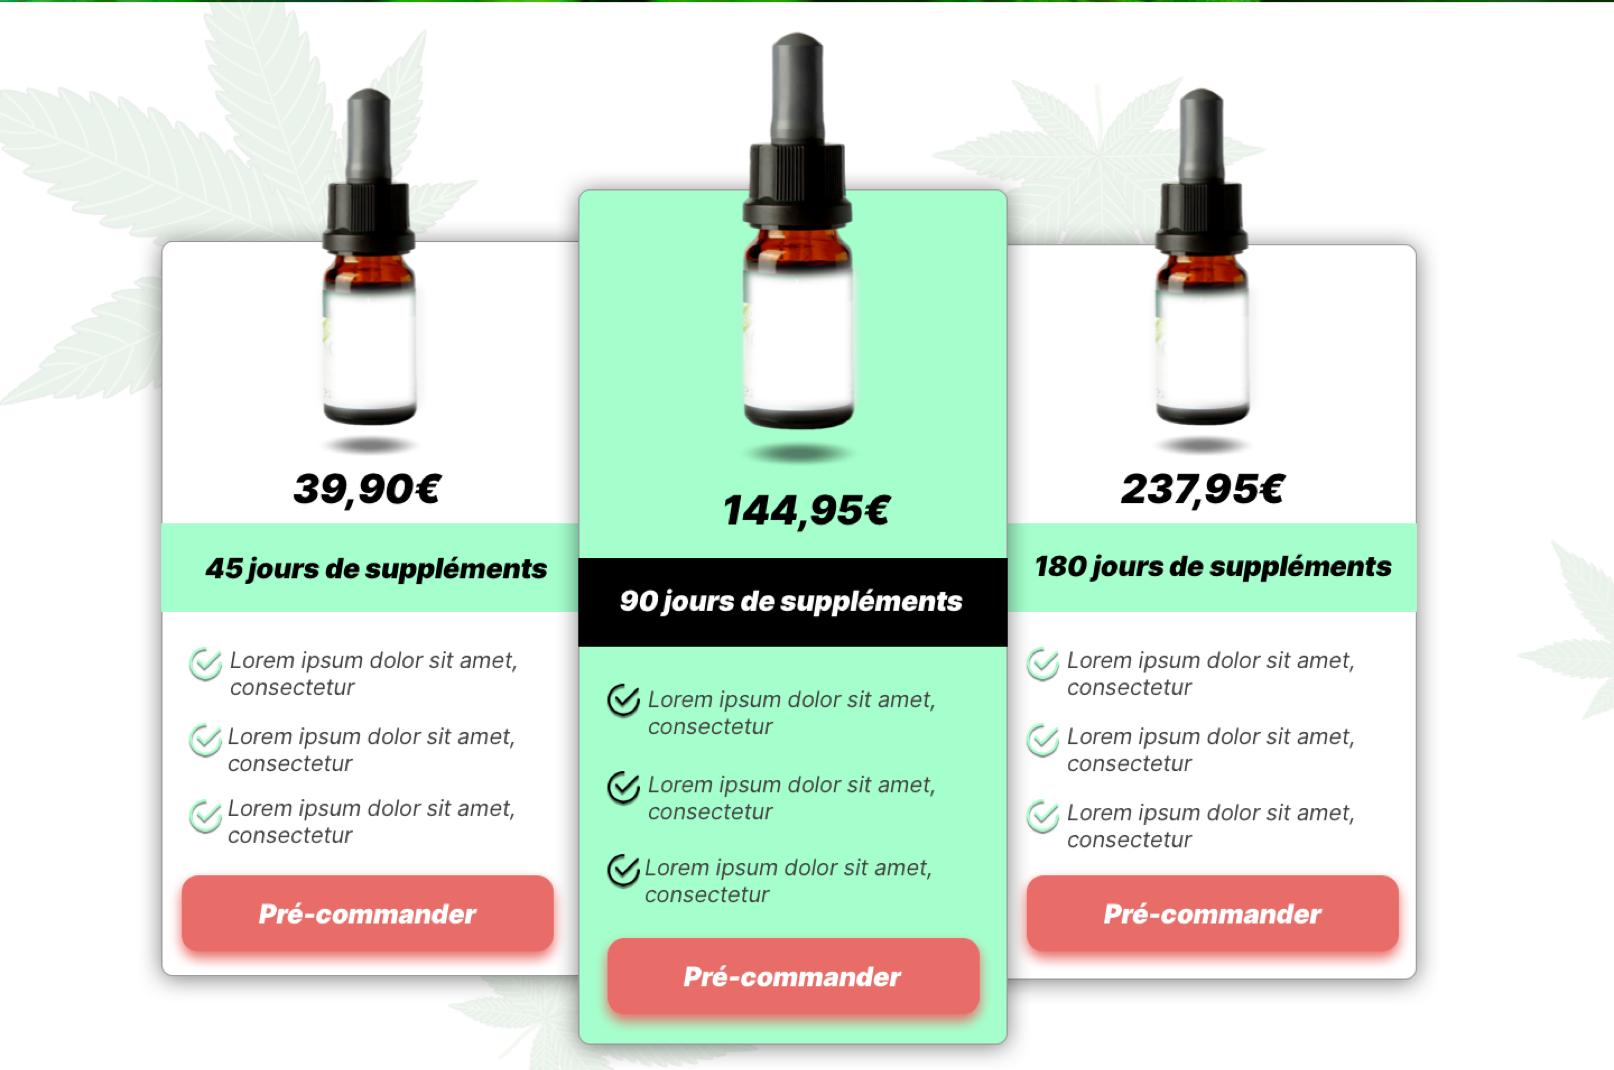 Exemple de page de vente avec le détail des tarifs d'un produit